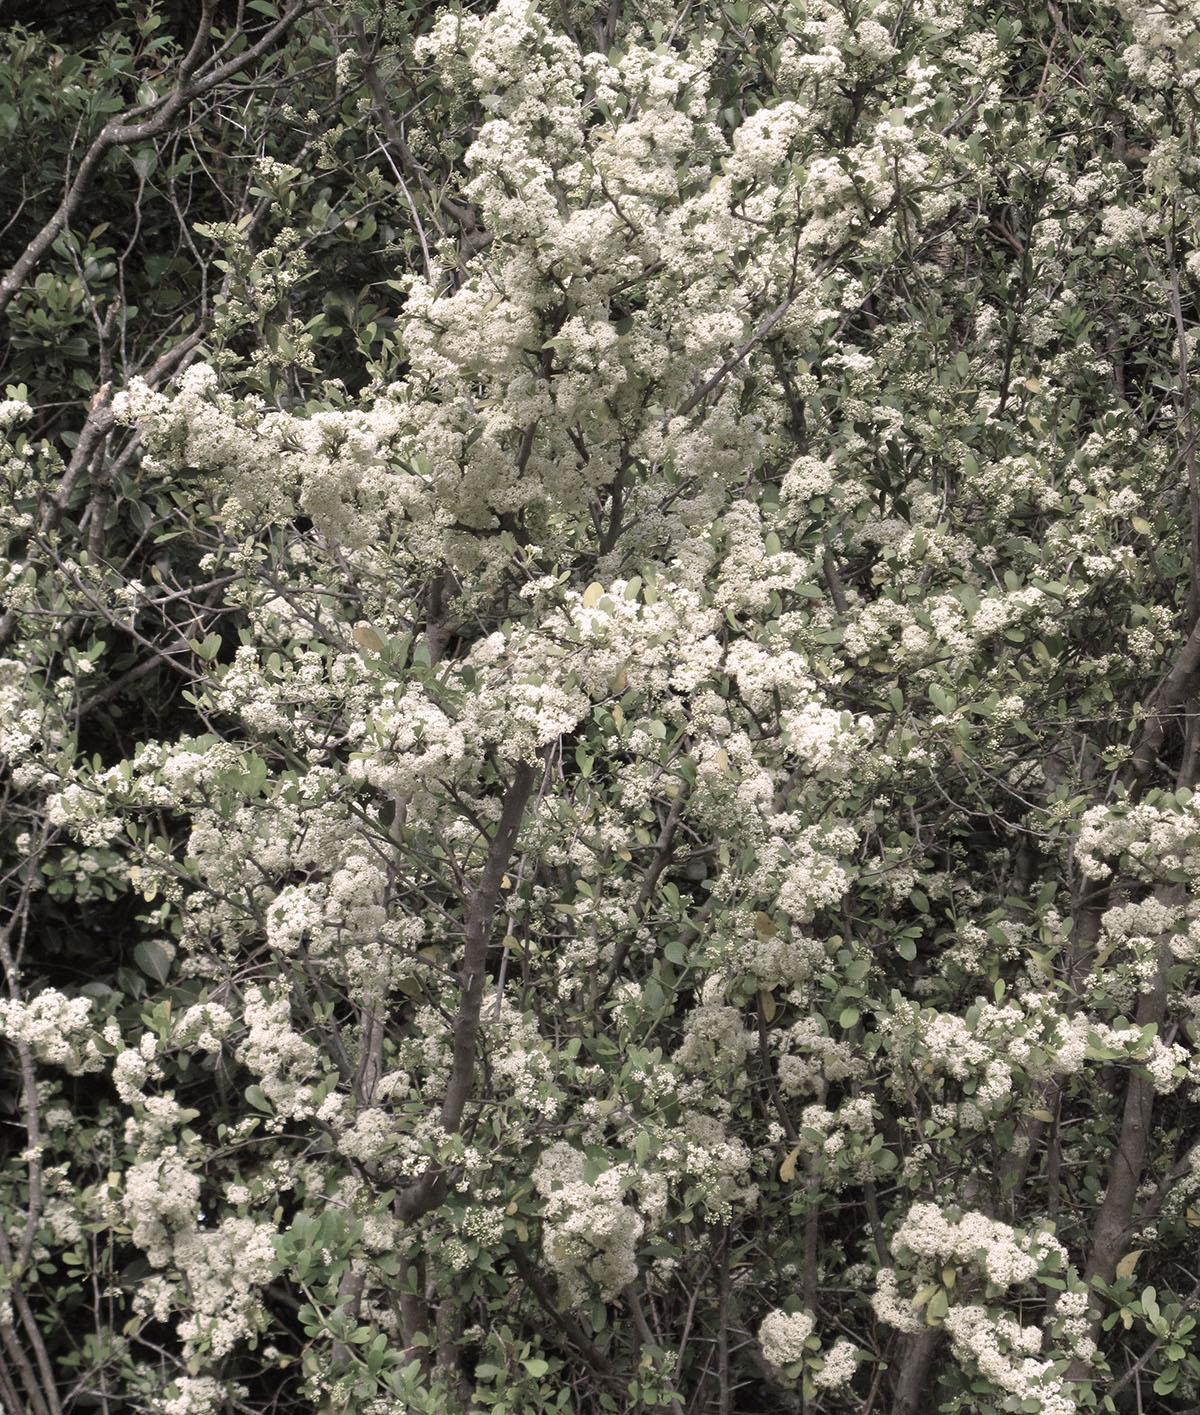 Gymnosporia buxifolia 22